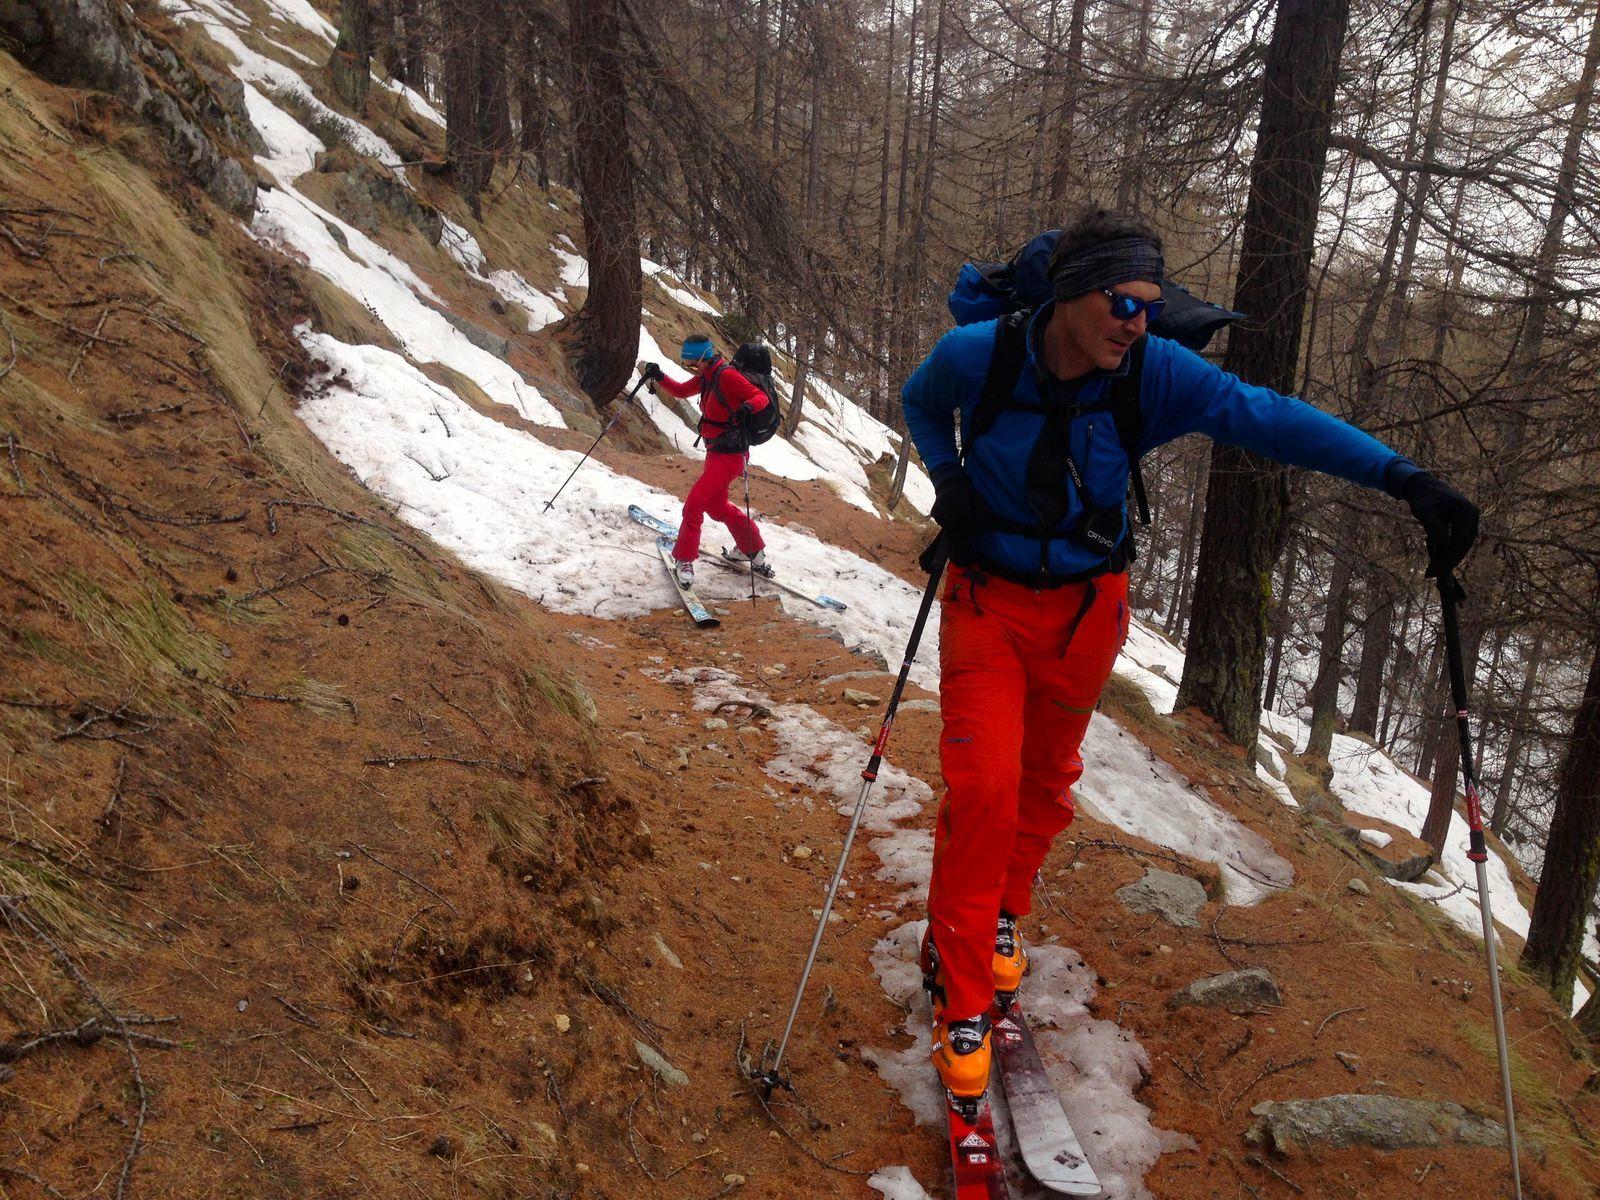 http://www.geromegualaguidechamonix.com  Ski de randonnée au Grand paradis dans la vallée du Valsavarenche.